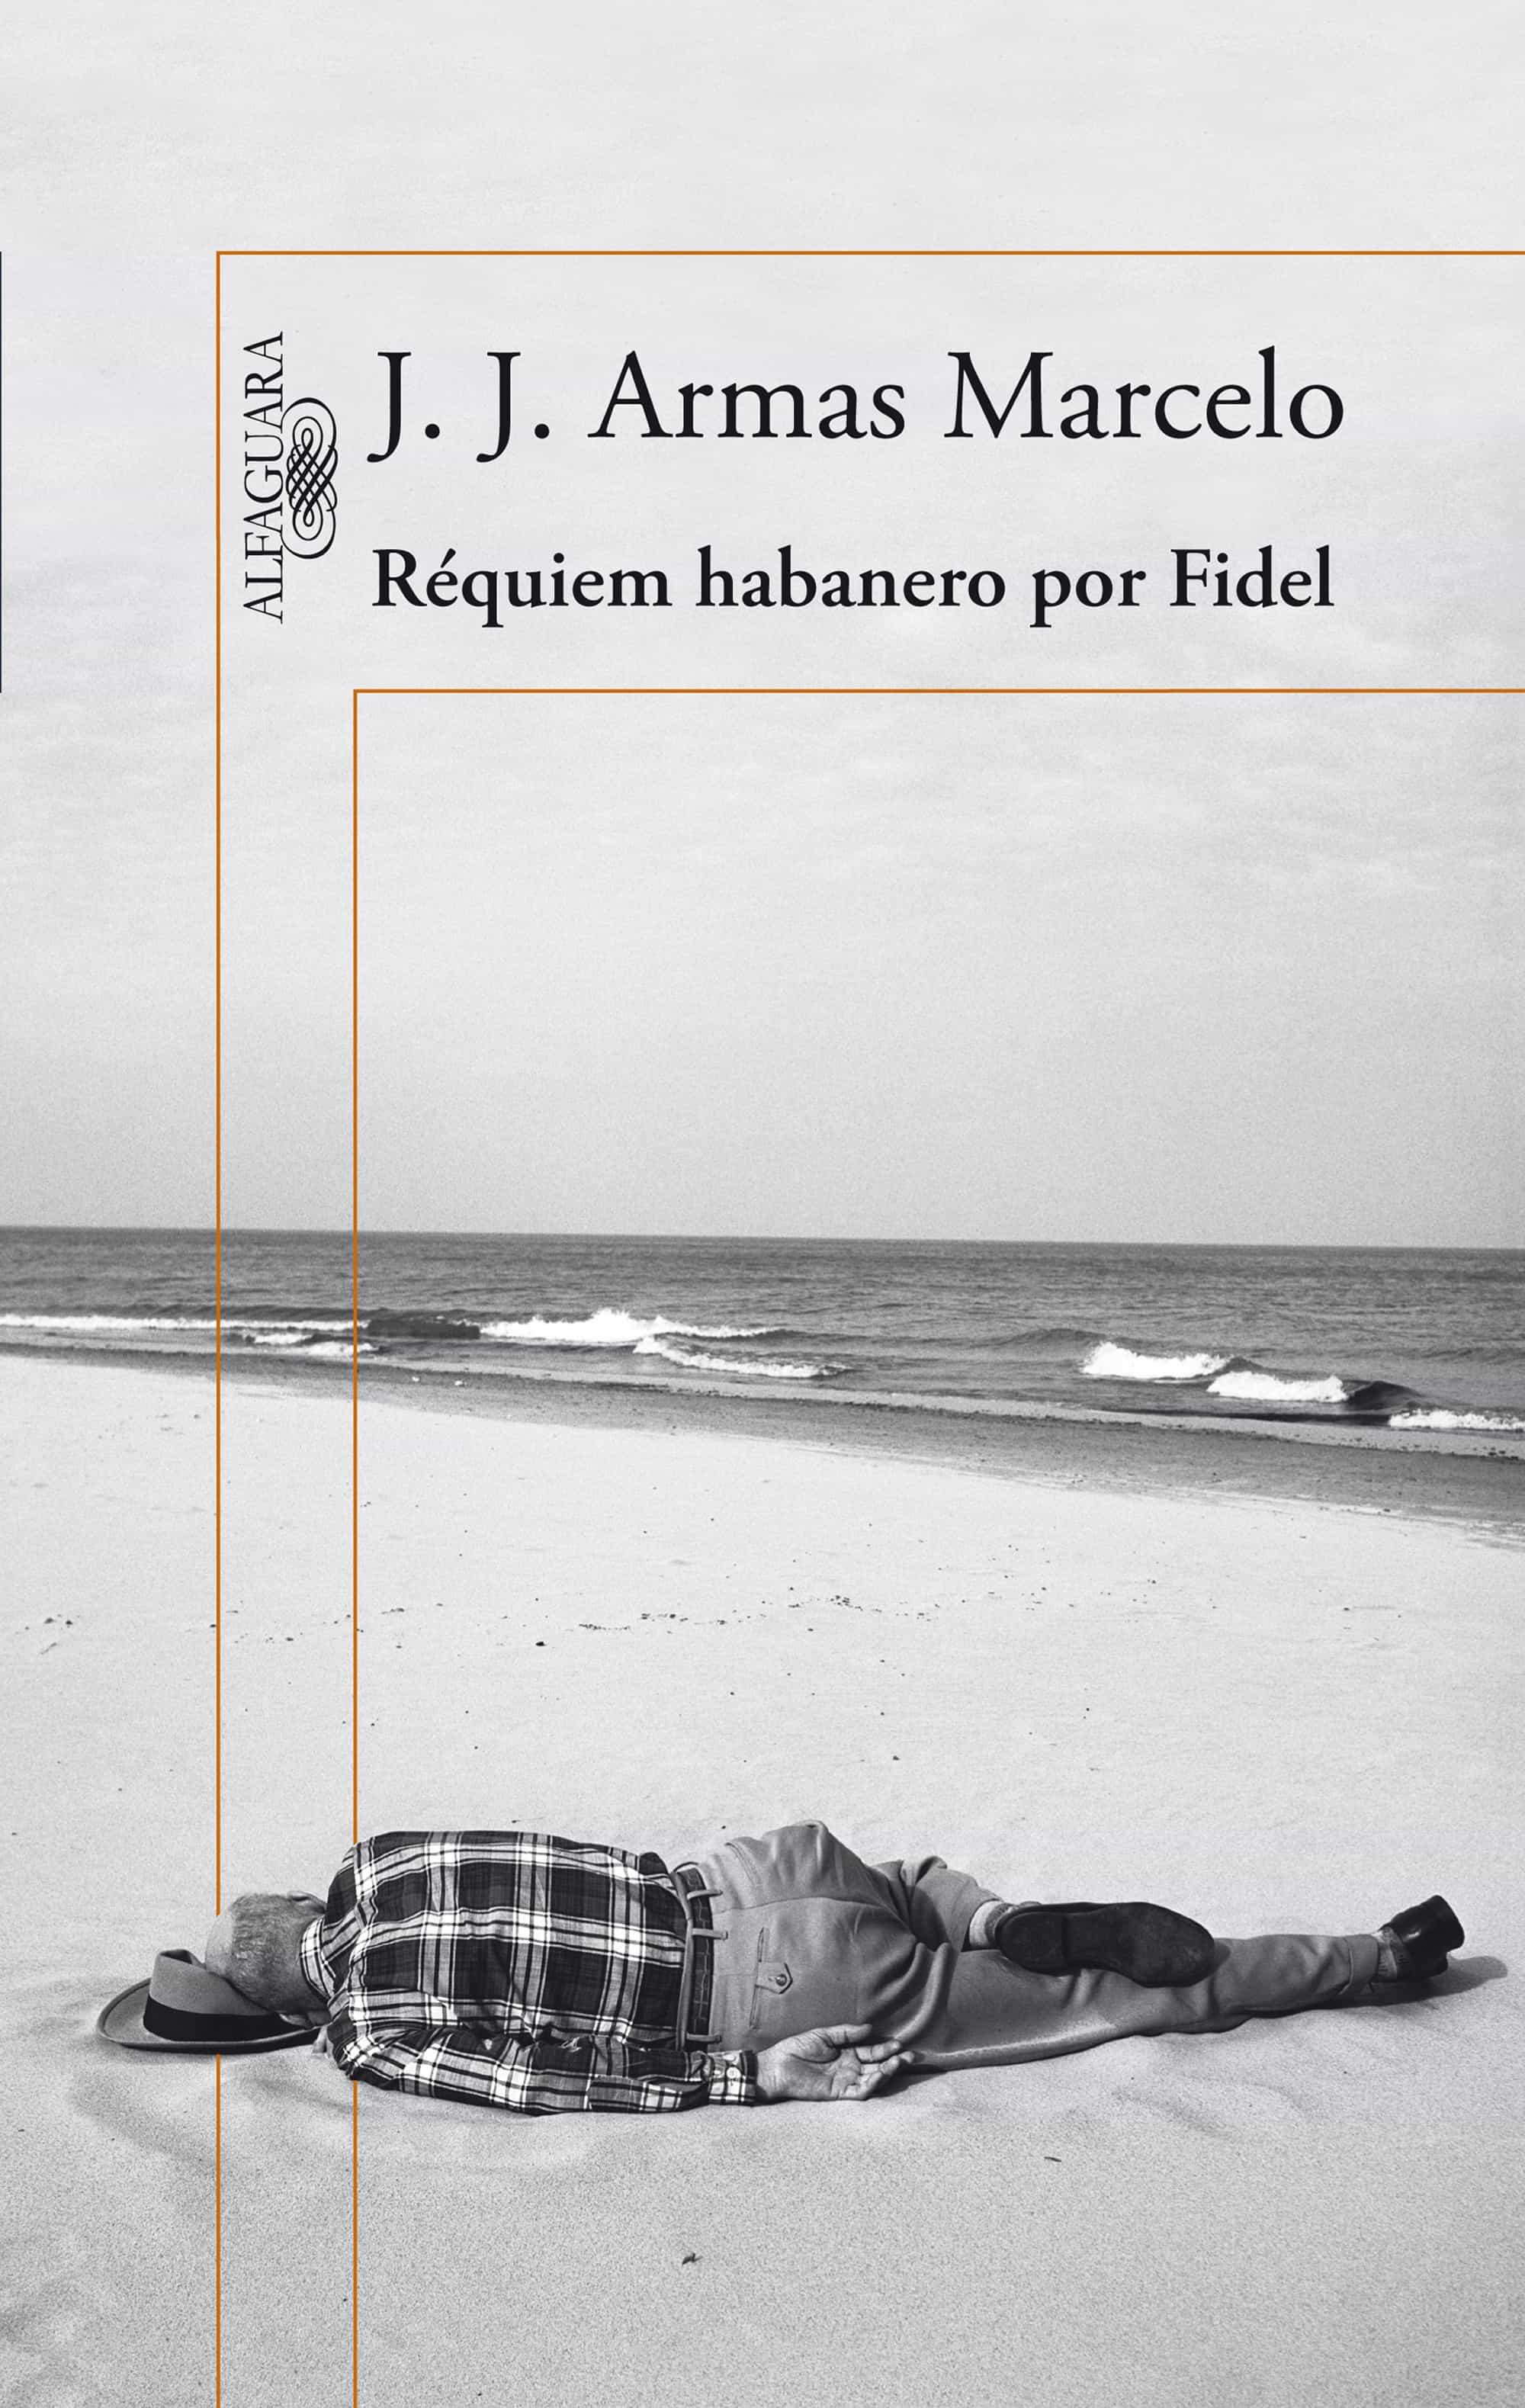 Réquiem habanero por Fidel